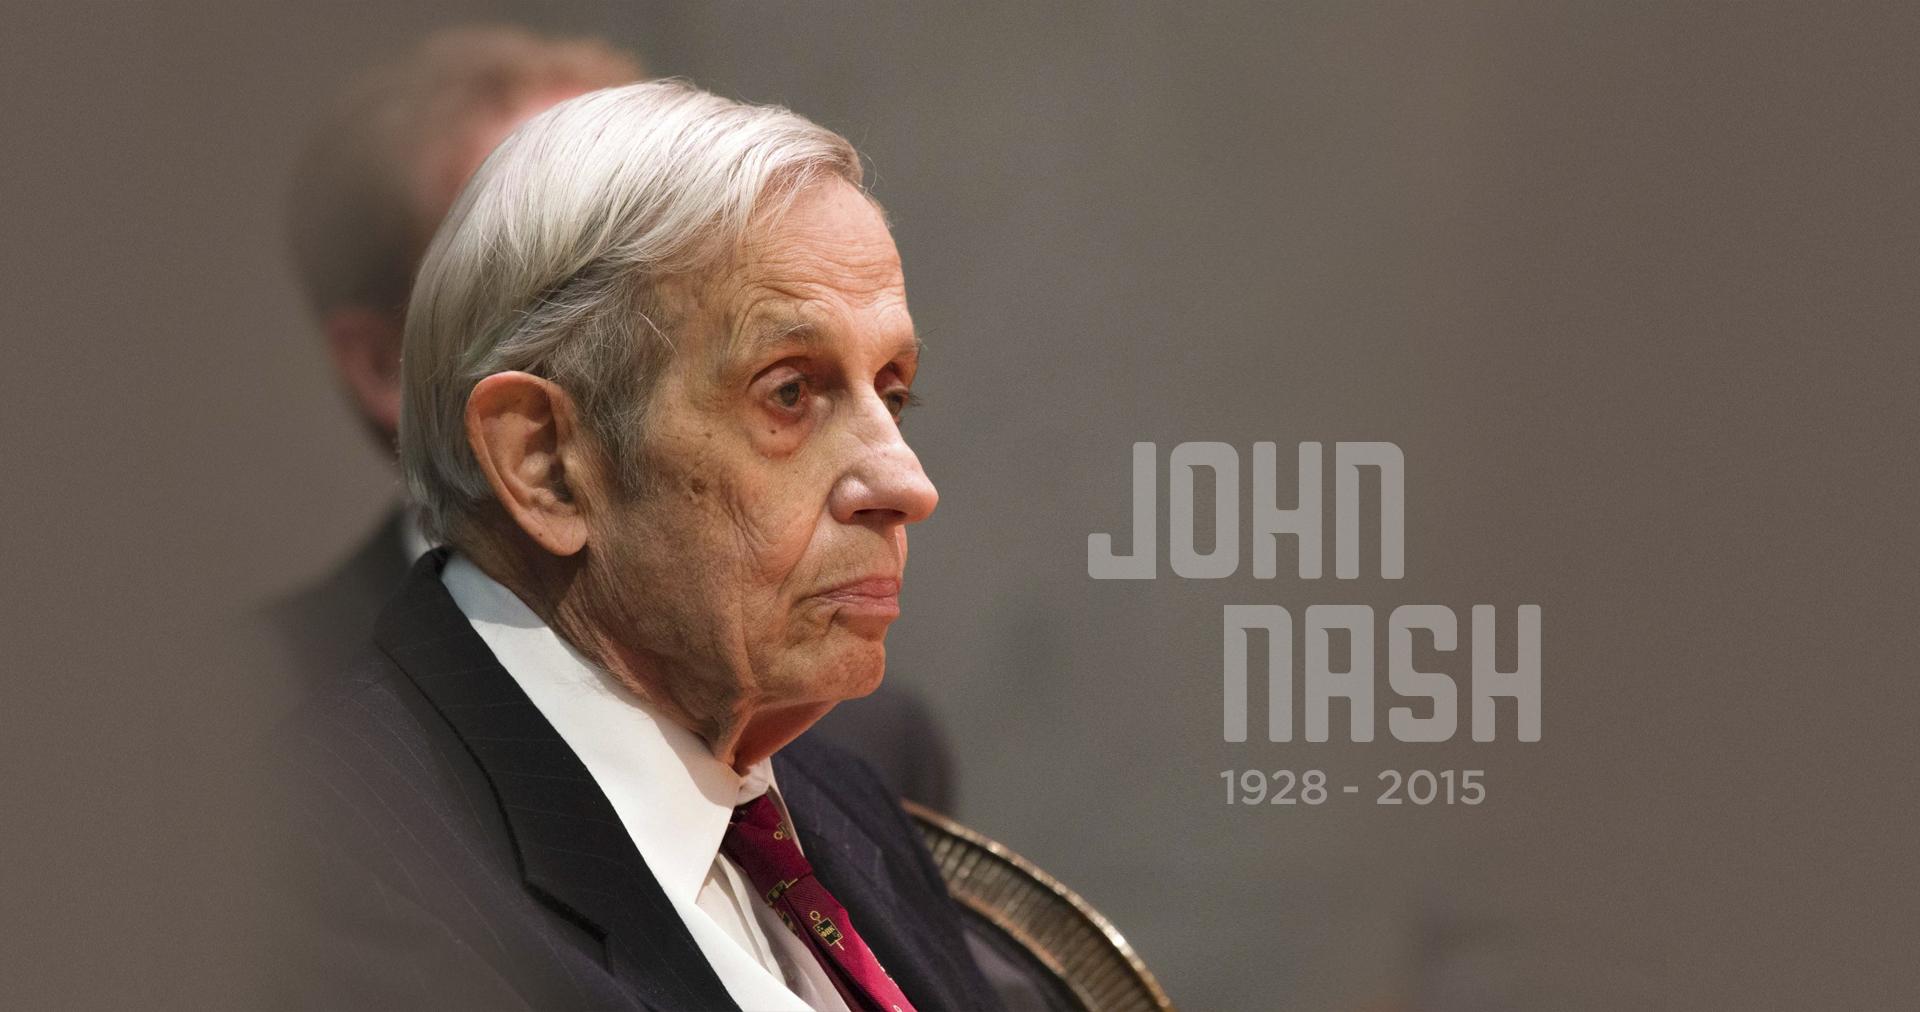 John Nash: Những điểm cân bằng của một tâm hồn đẹp - Ảnh 15.